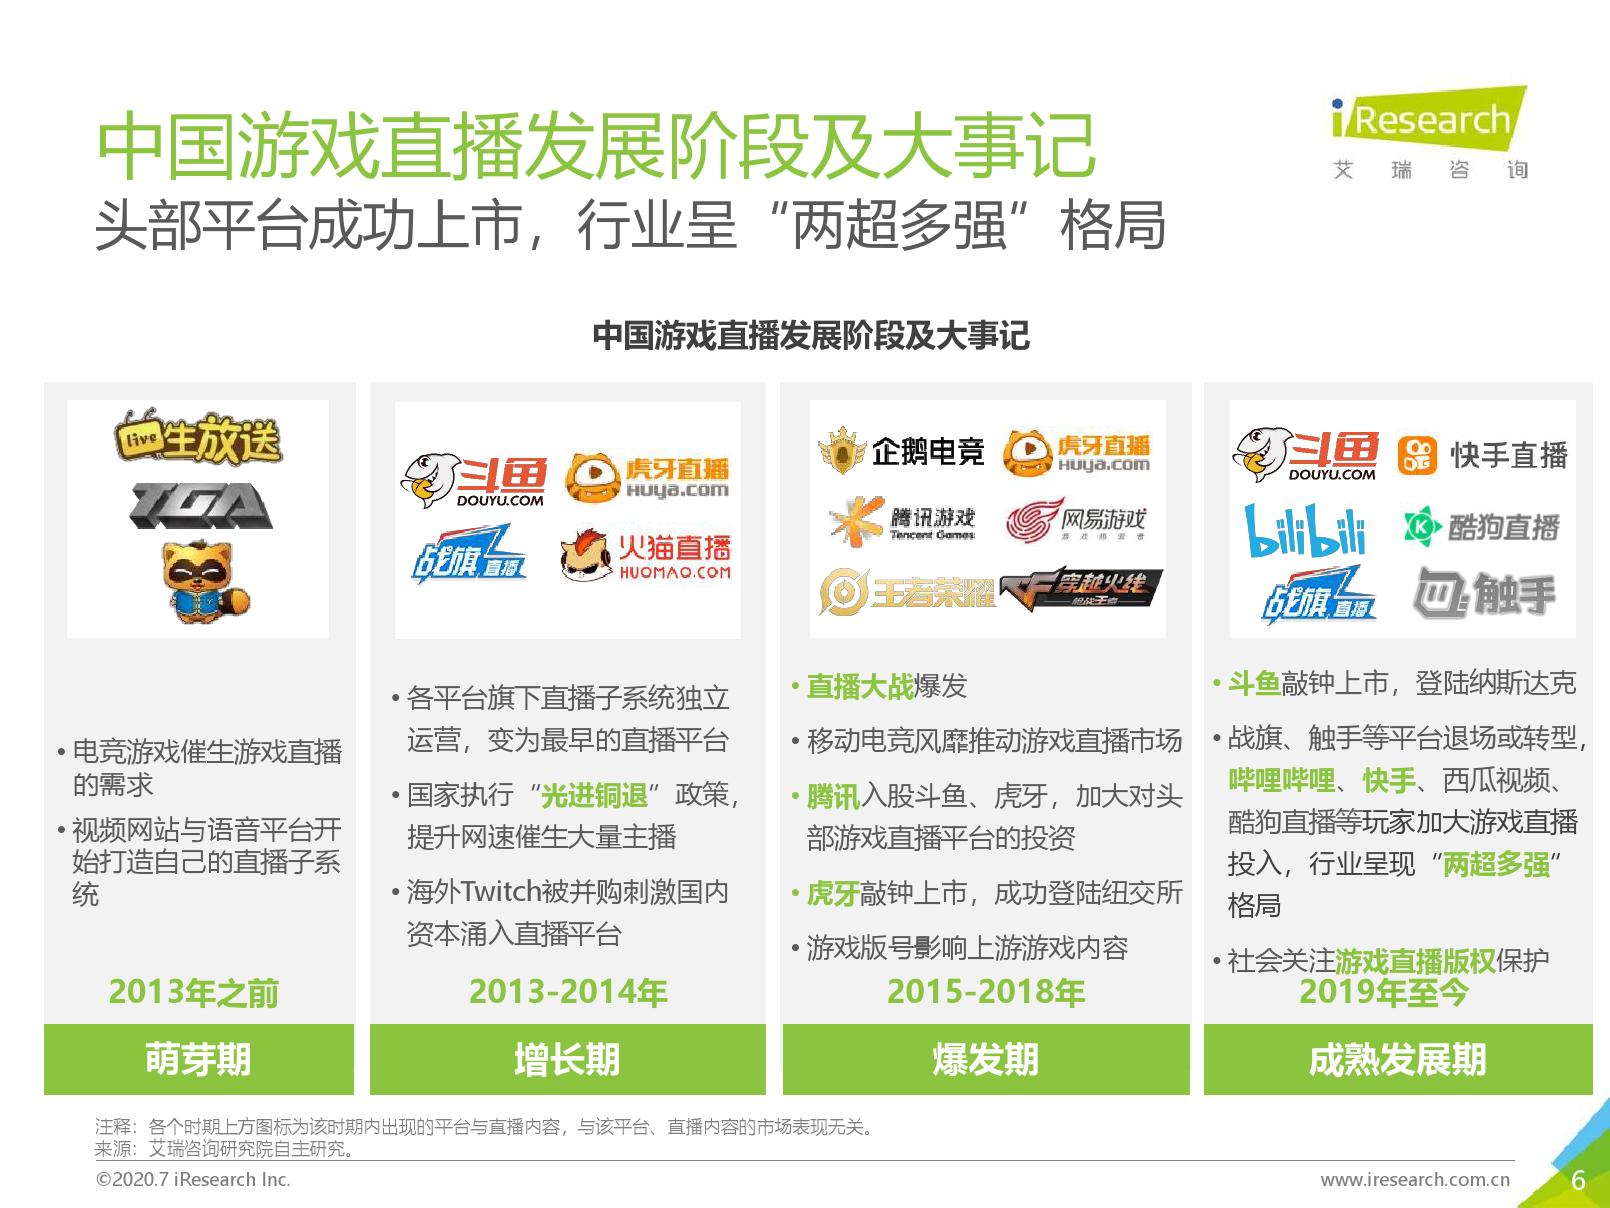 艾瑞咨询:2020年中国游戏直播行业研究报告(可下载报告)插图(11)